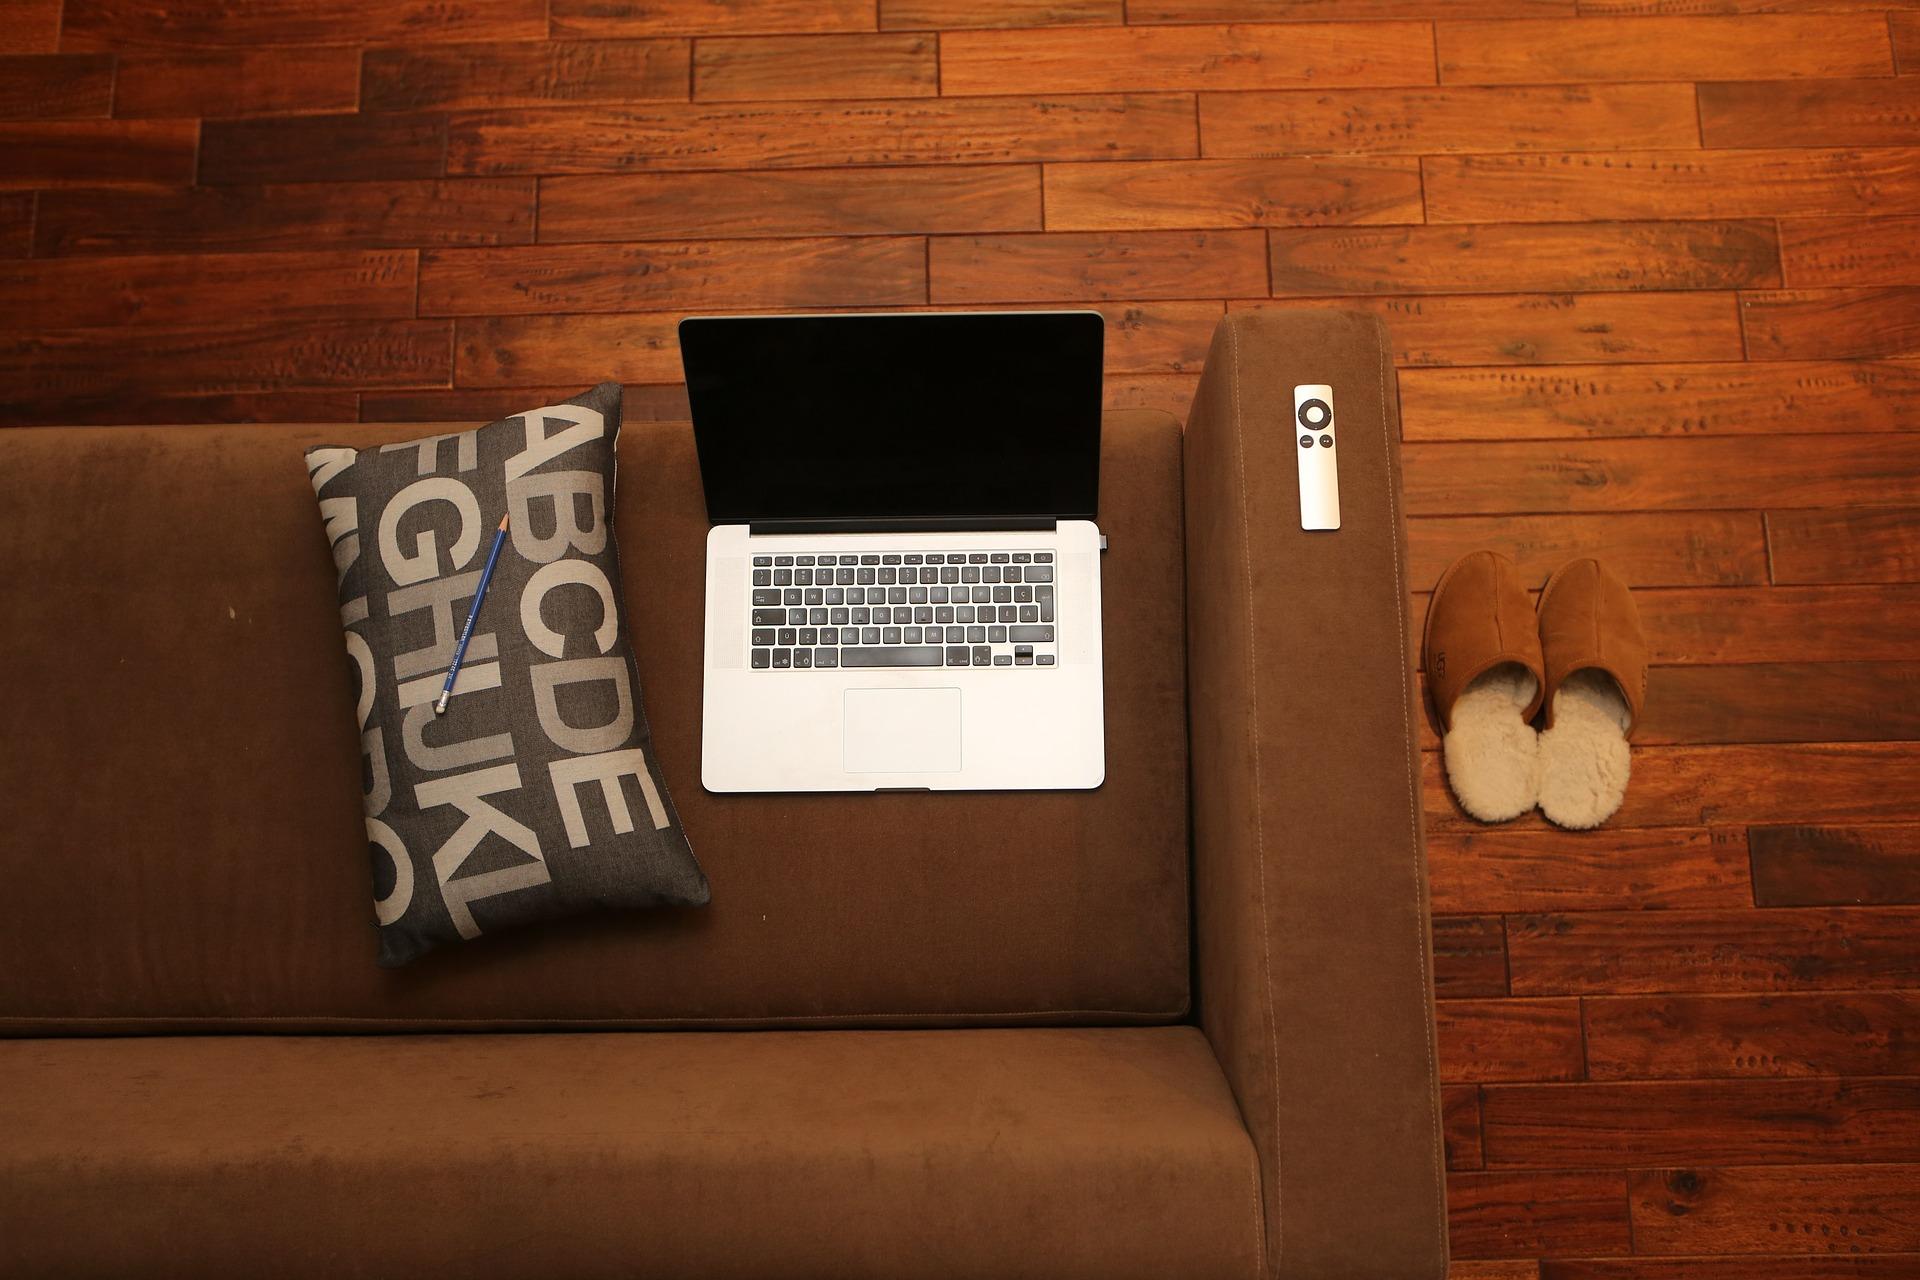 home-office-569153_1920.jpg